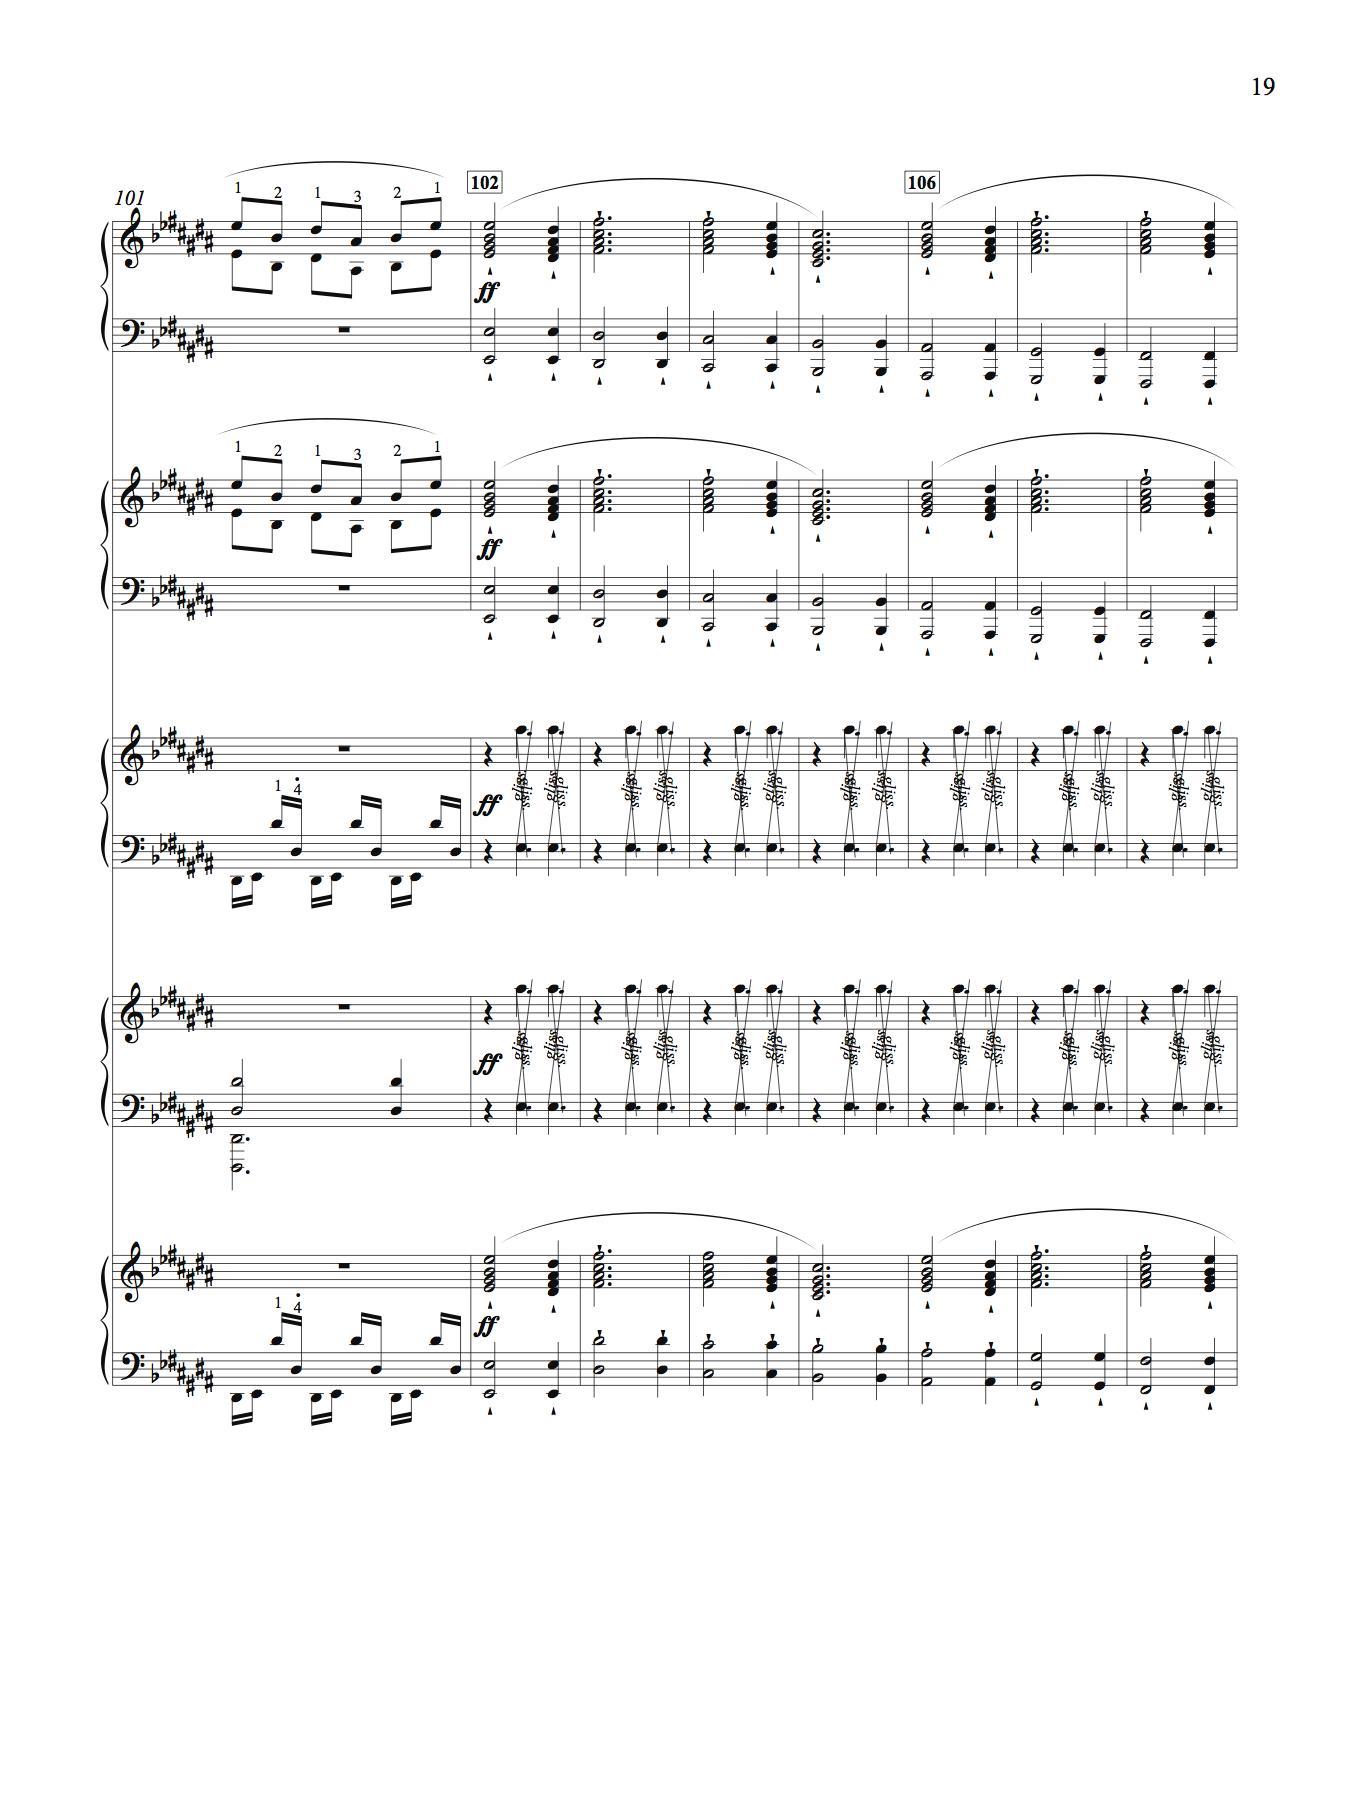 Rhythm song score p4.jpg